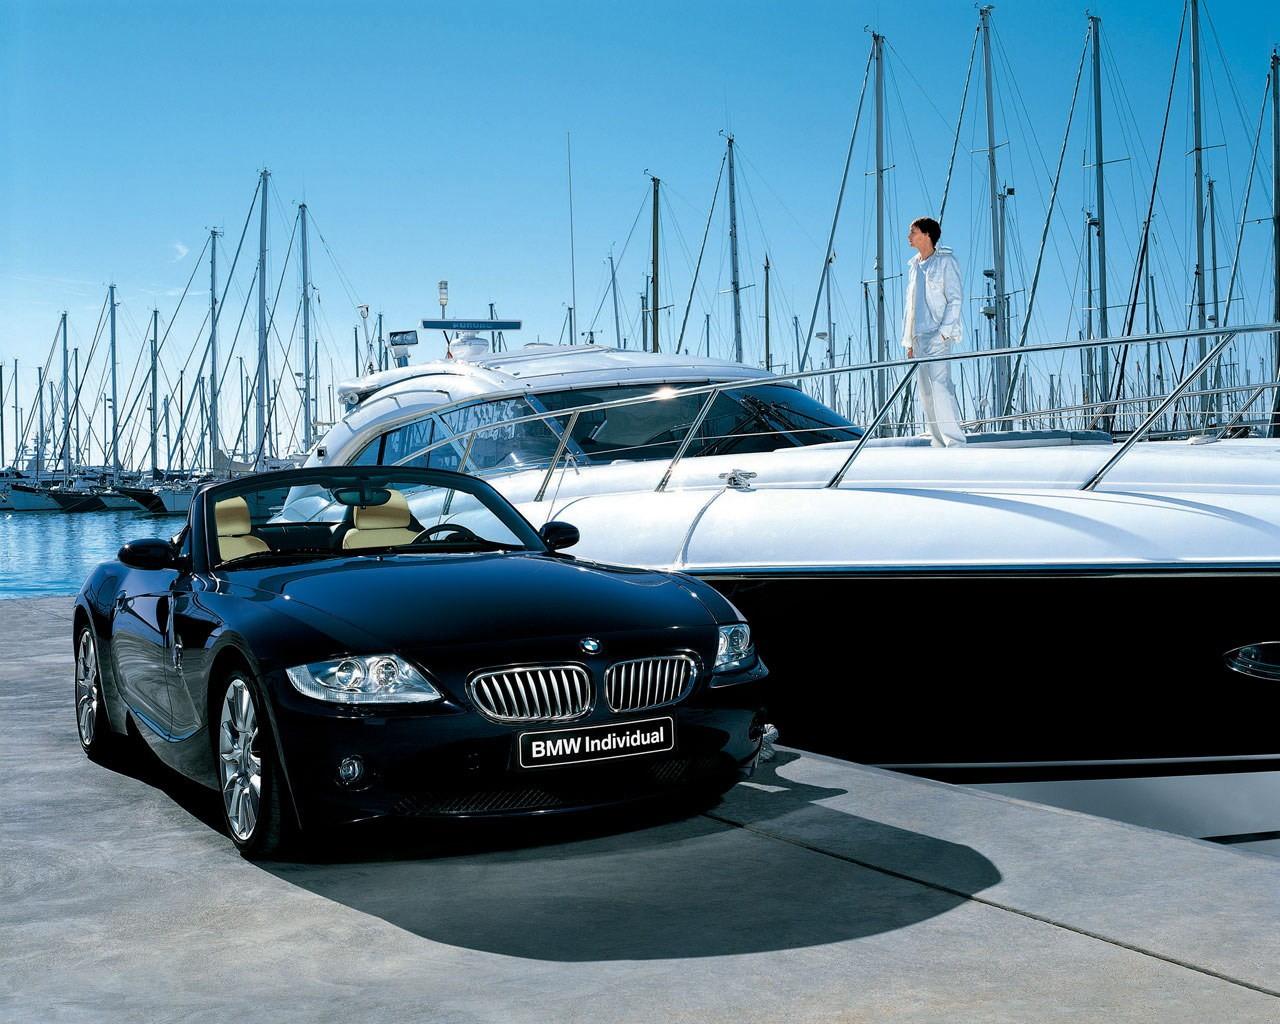 Яхта и машина, фото обои для рабочего стола, скачать бесплатно